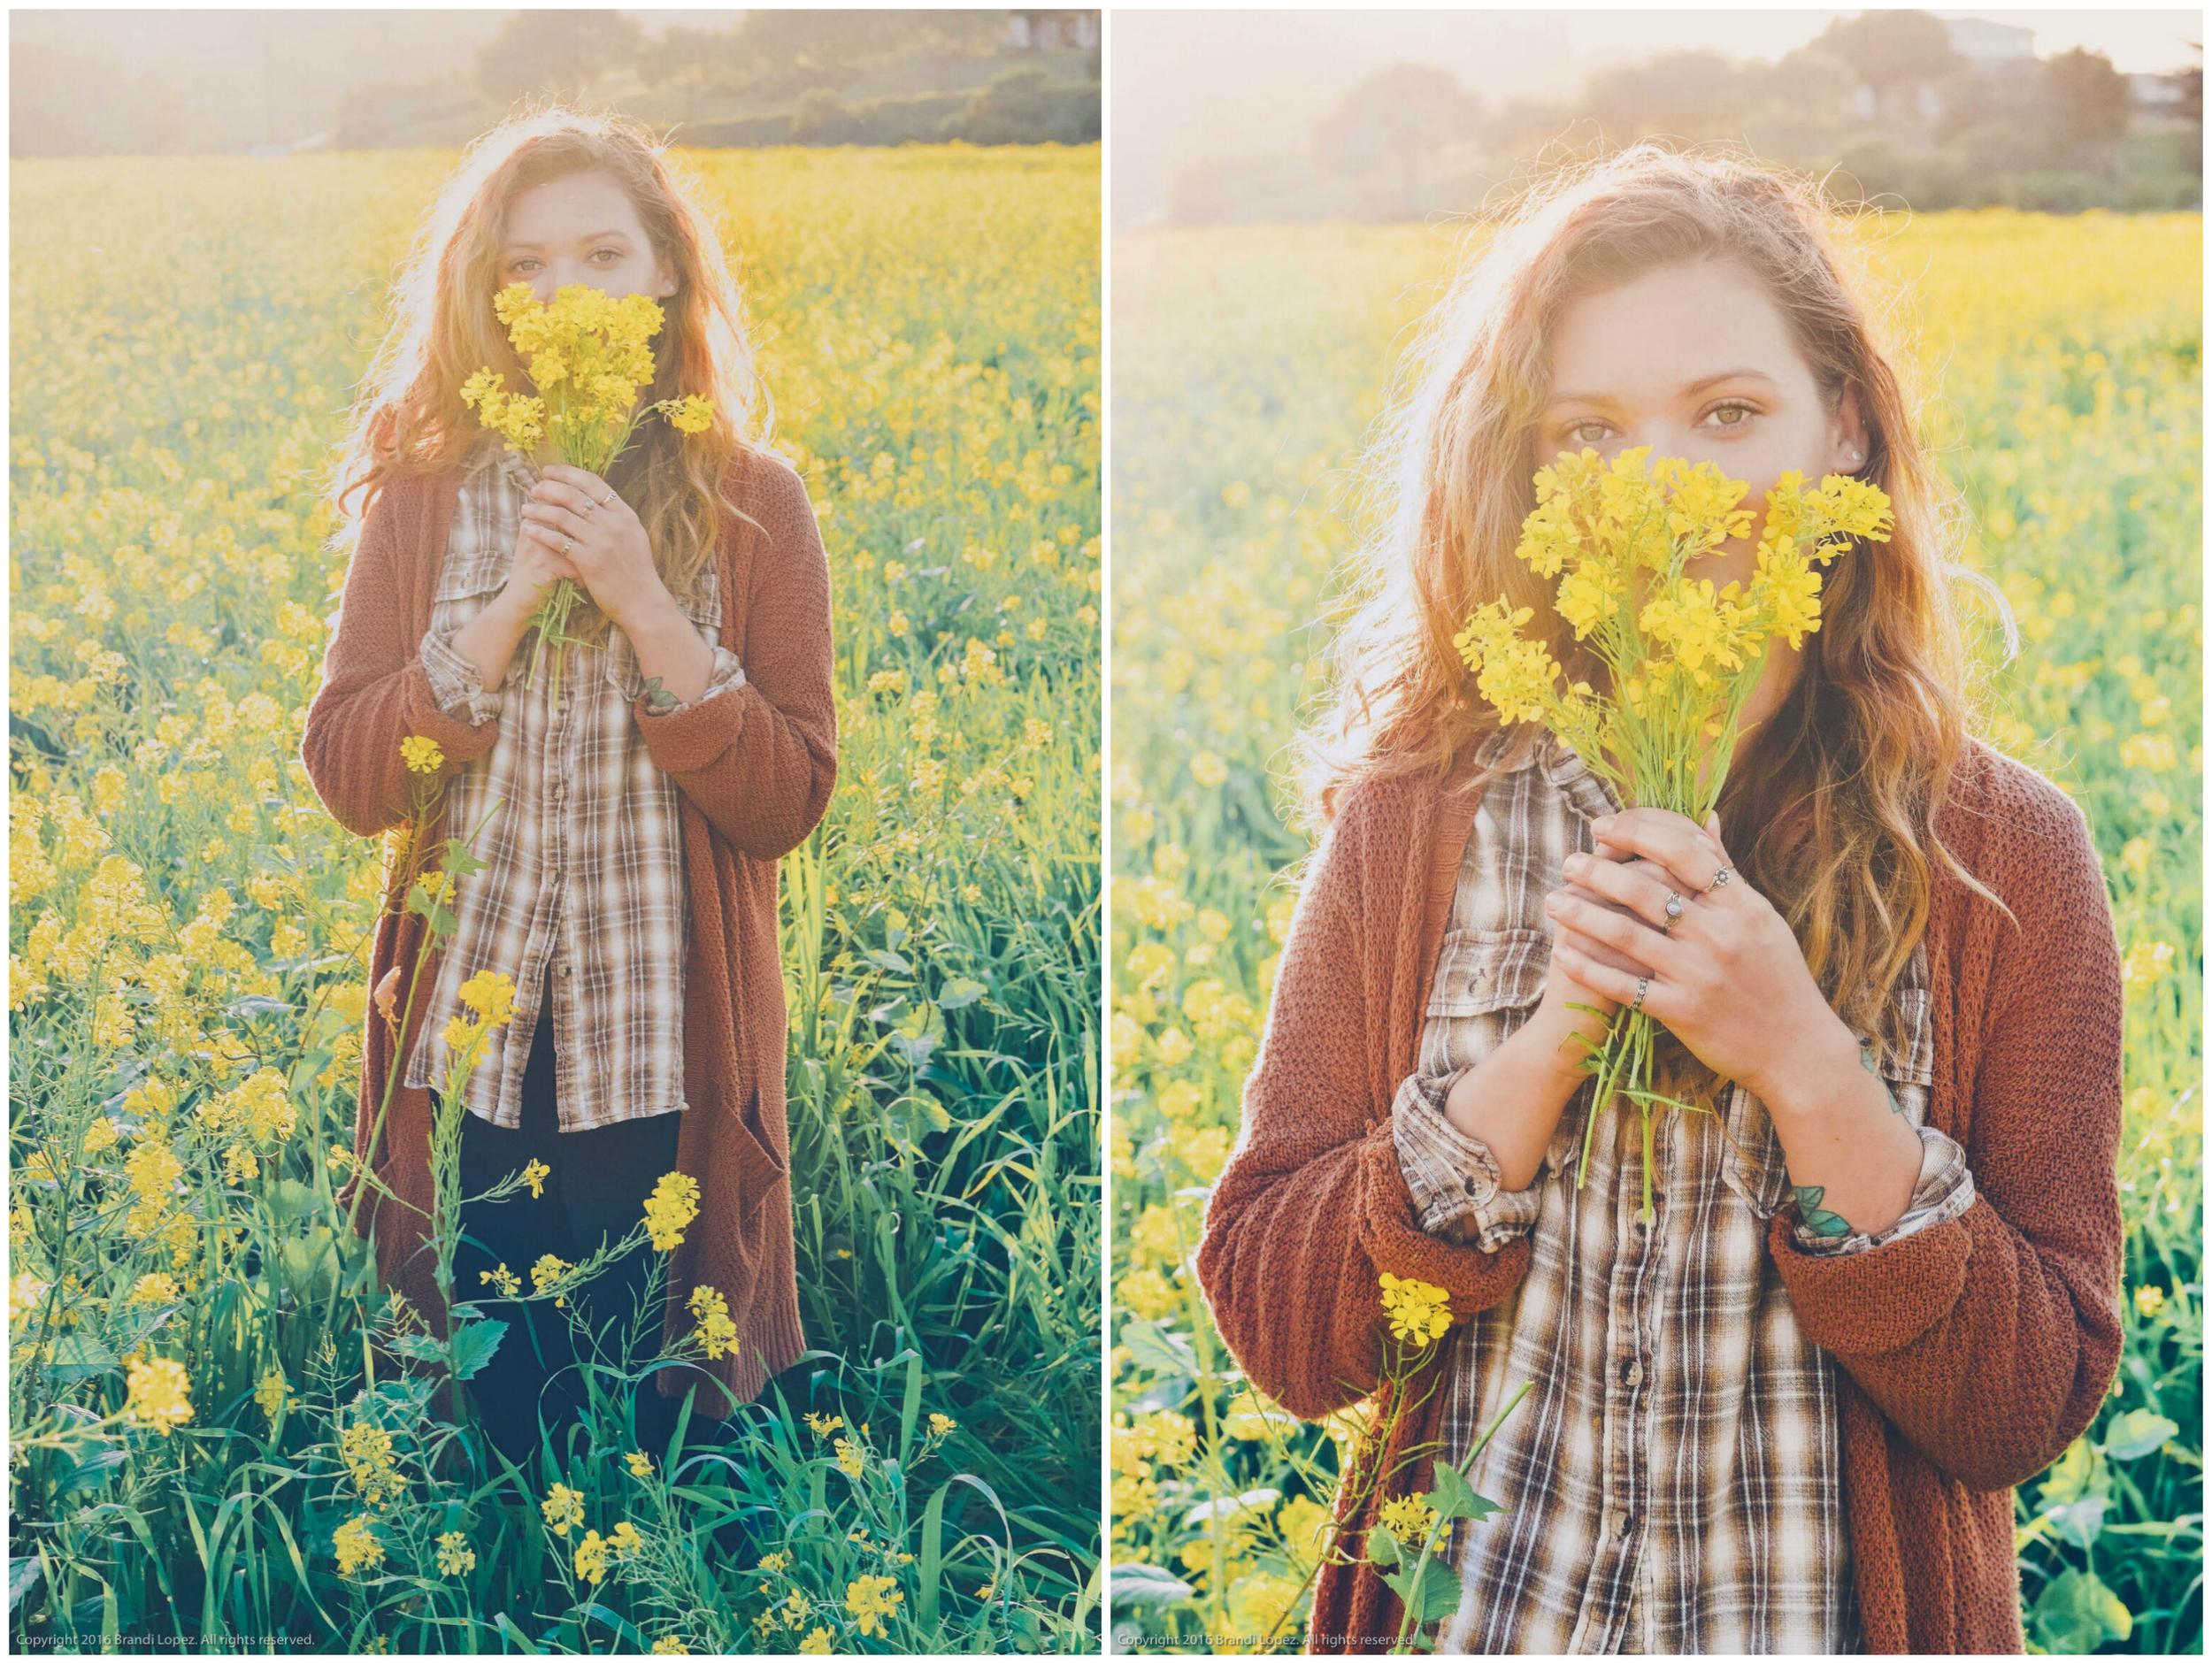 whit collage 4.jpg